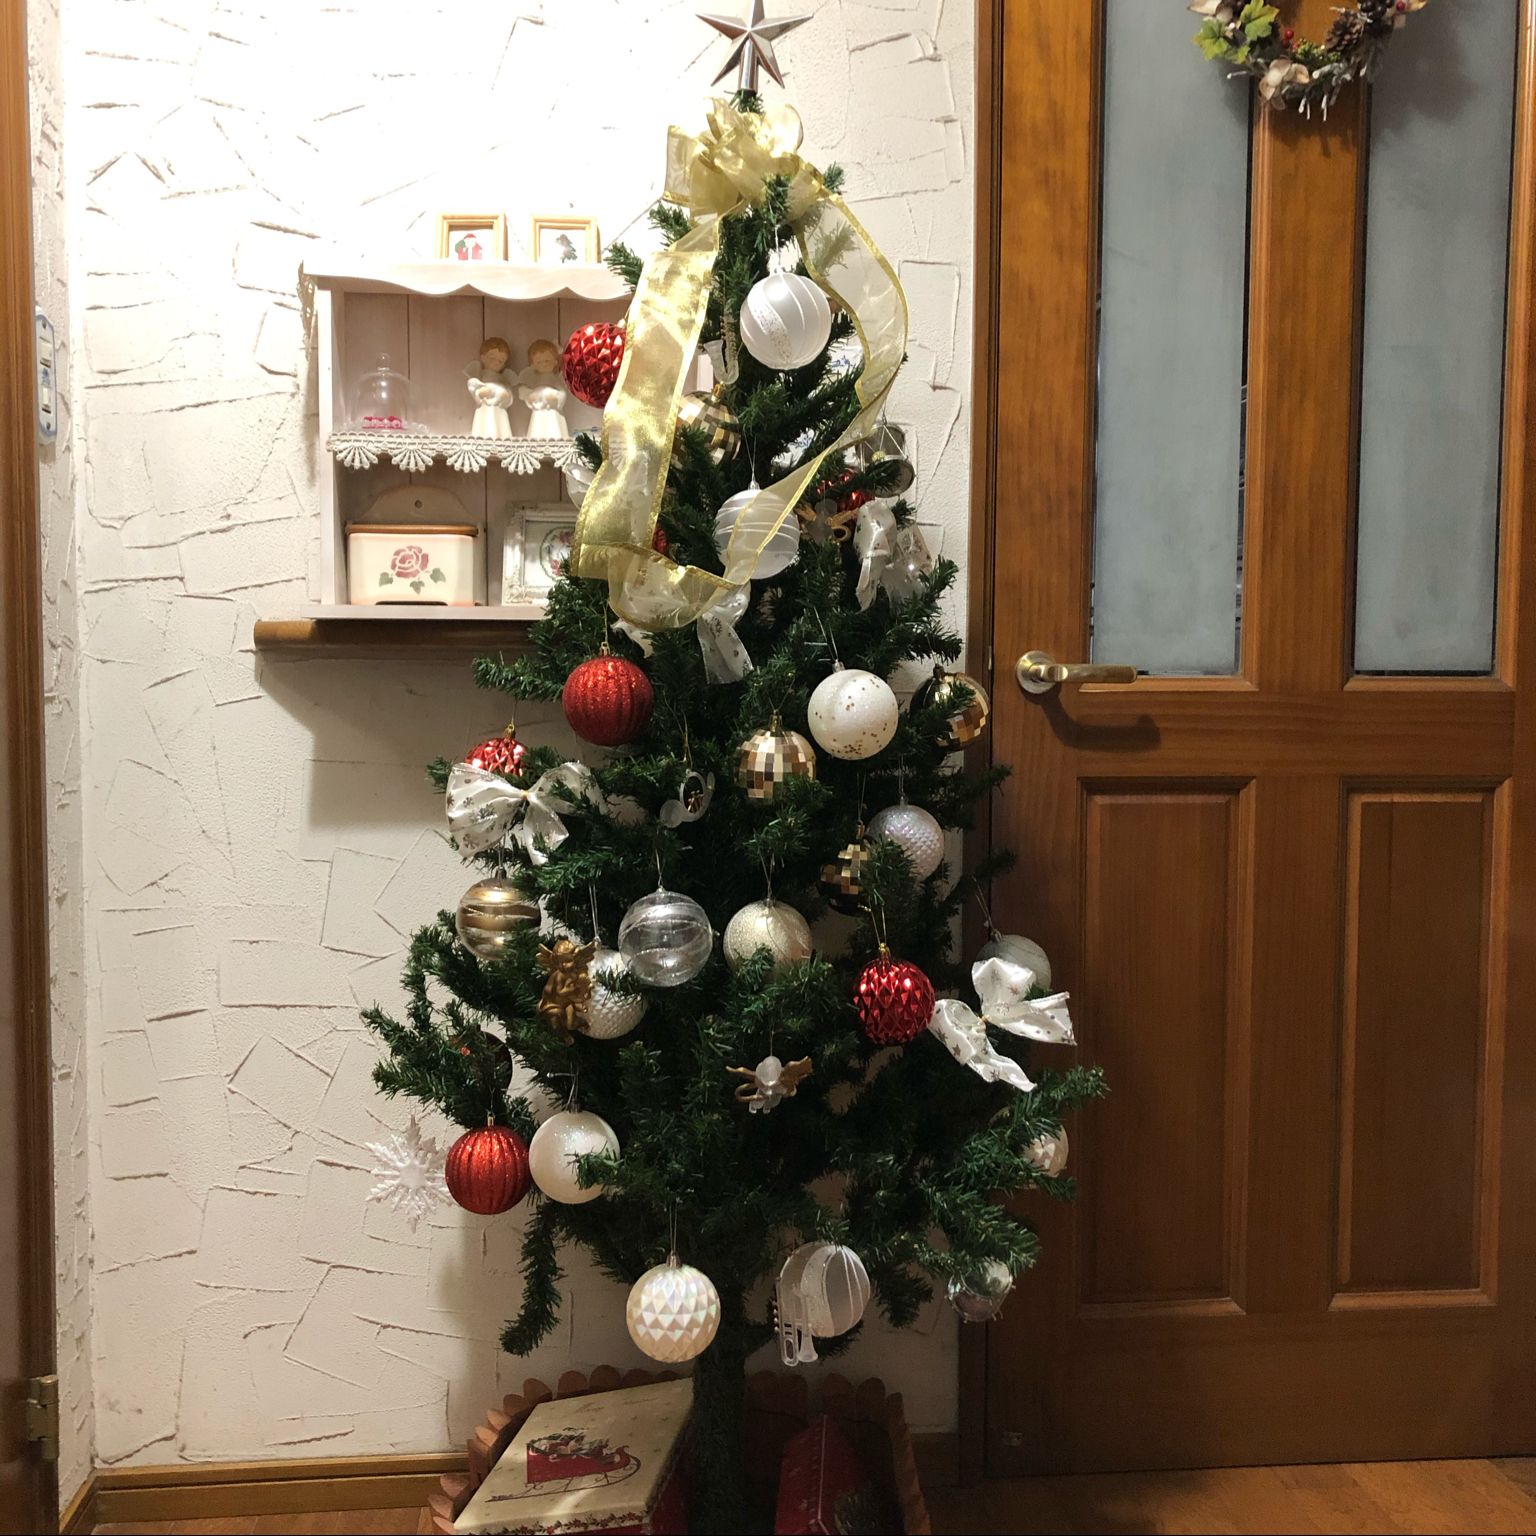 クリスマスリース/クリスマス2020/クリスマスツリー150cm/DAISO雑貨/部屋全体のインテリア実例 - 2020-12-03 21:58:19